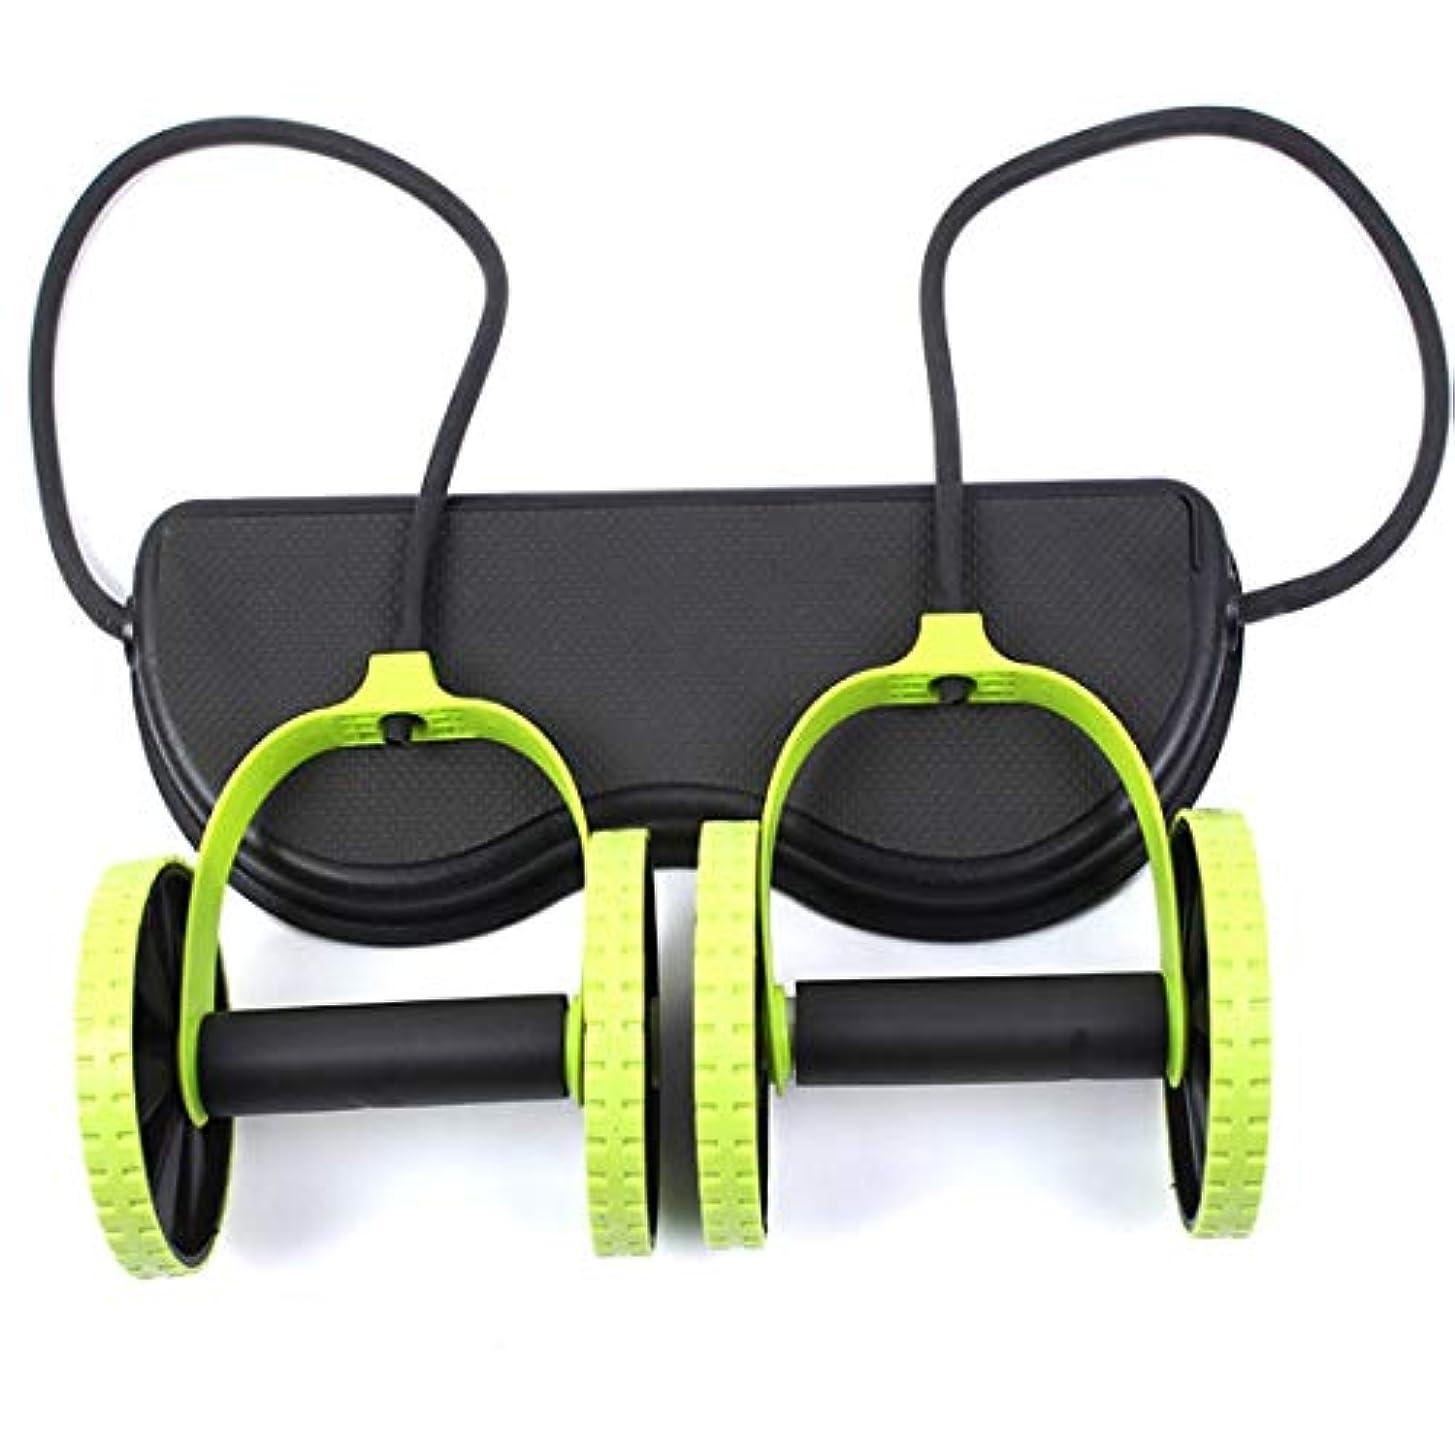 毒性勘違いするミリメーターJS-04多機能腹輪腹筋ホイール腹部ホイールテンションロープ筋肉トレーニングマシン (Panda) (色:多色)